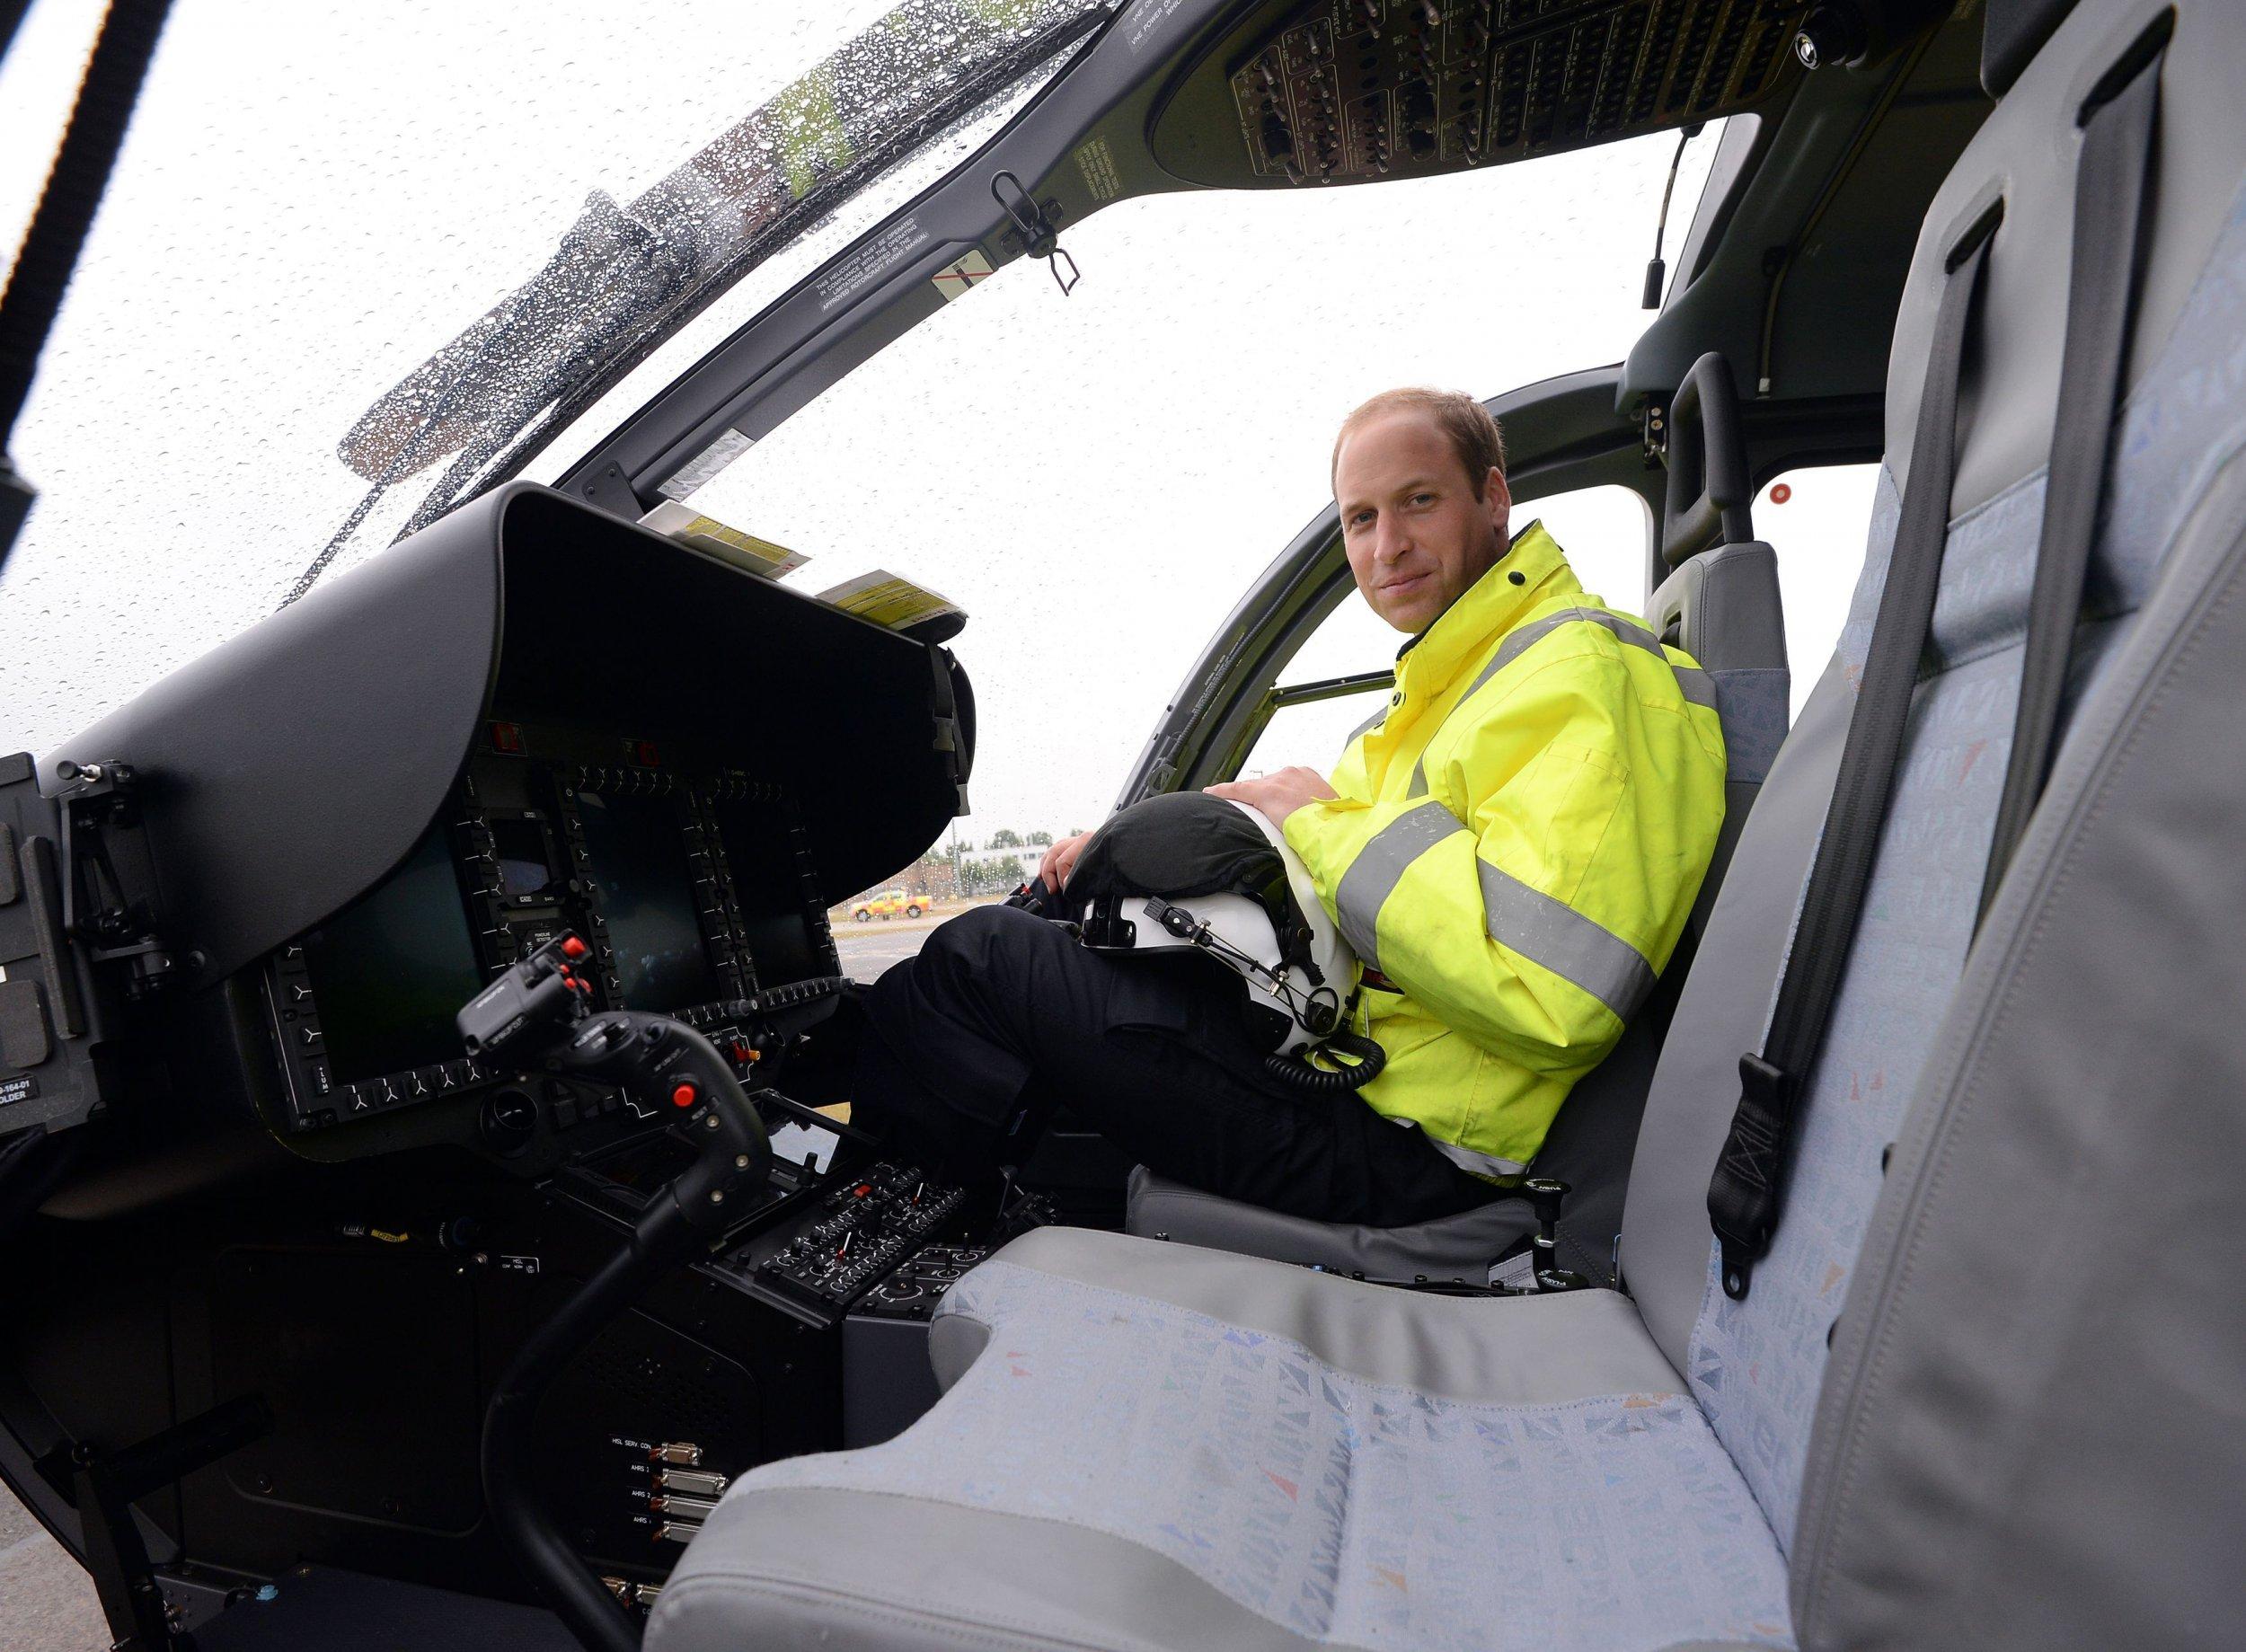 Prince William pilot